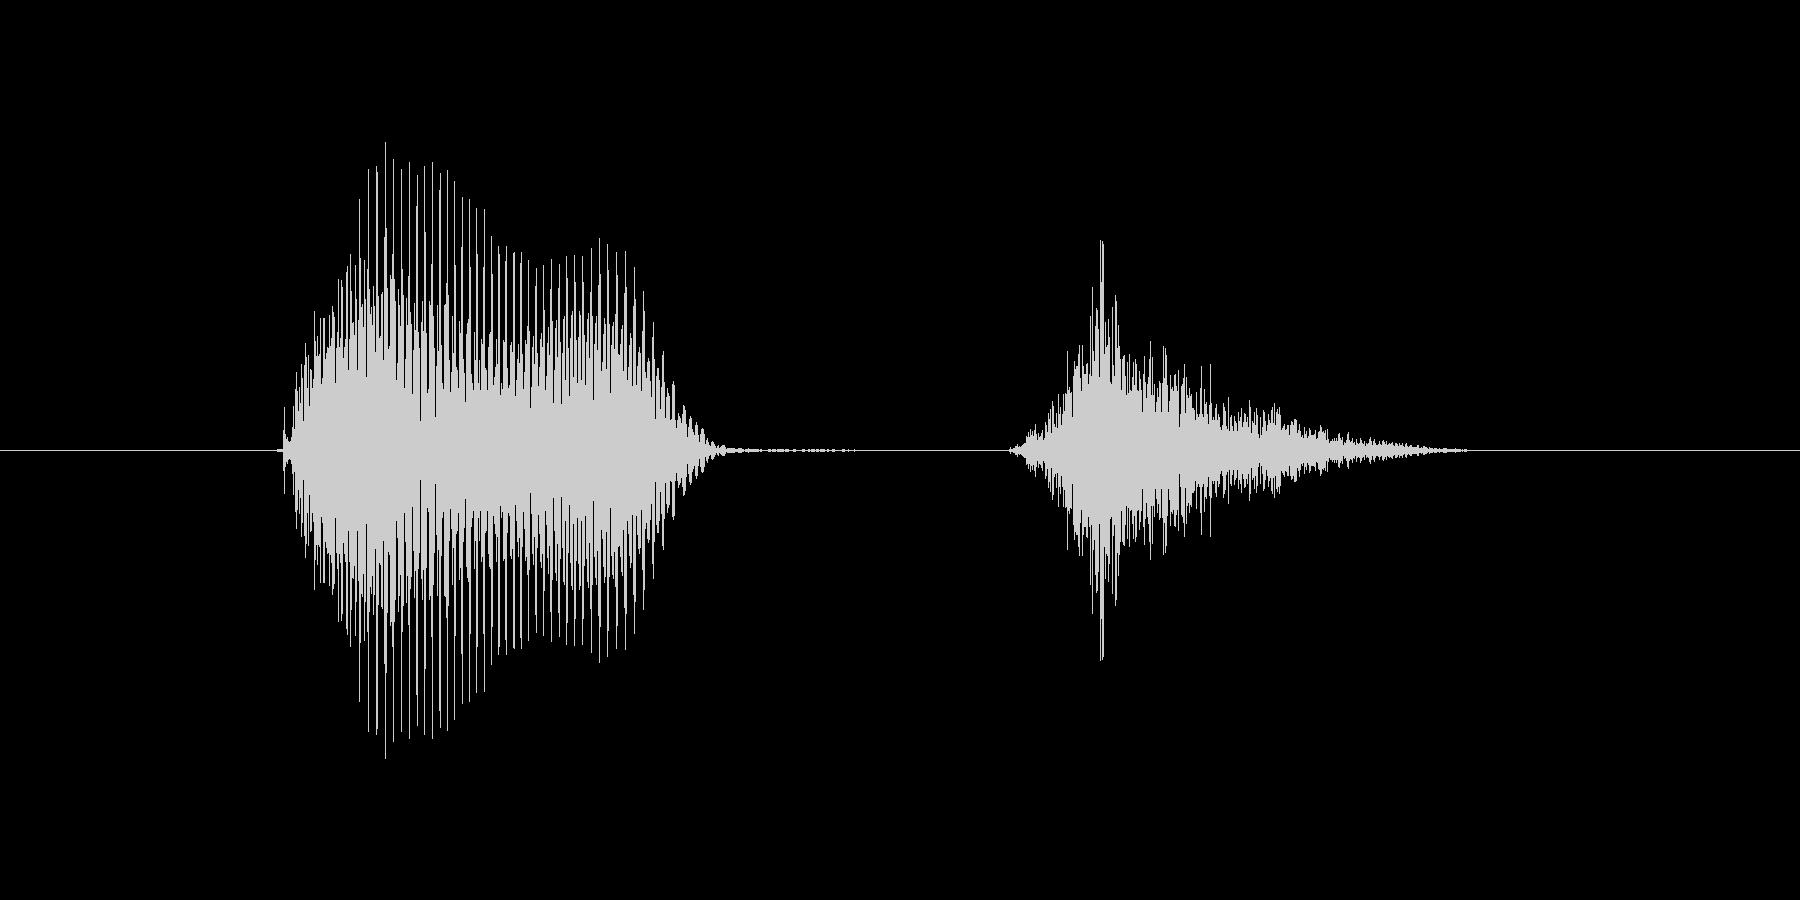 h,H.H(エイチ)の未再生の波形